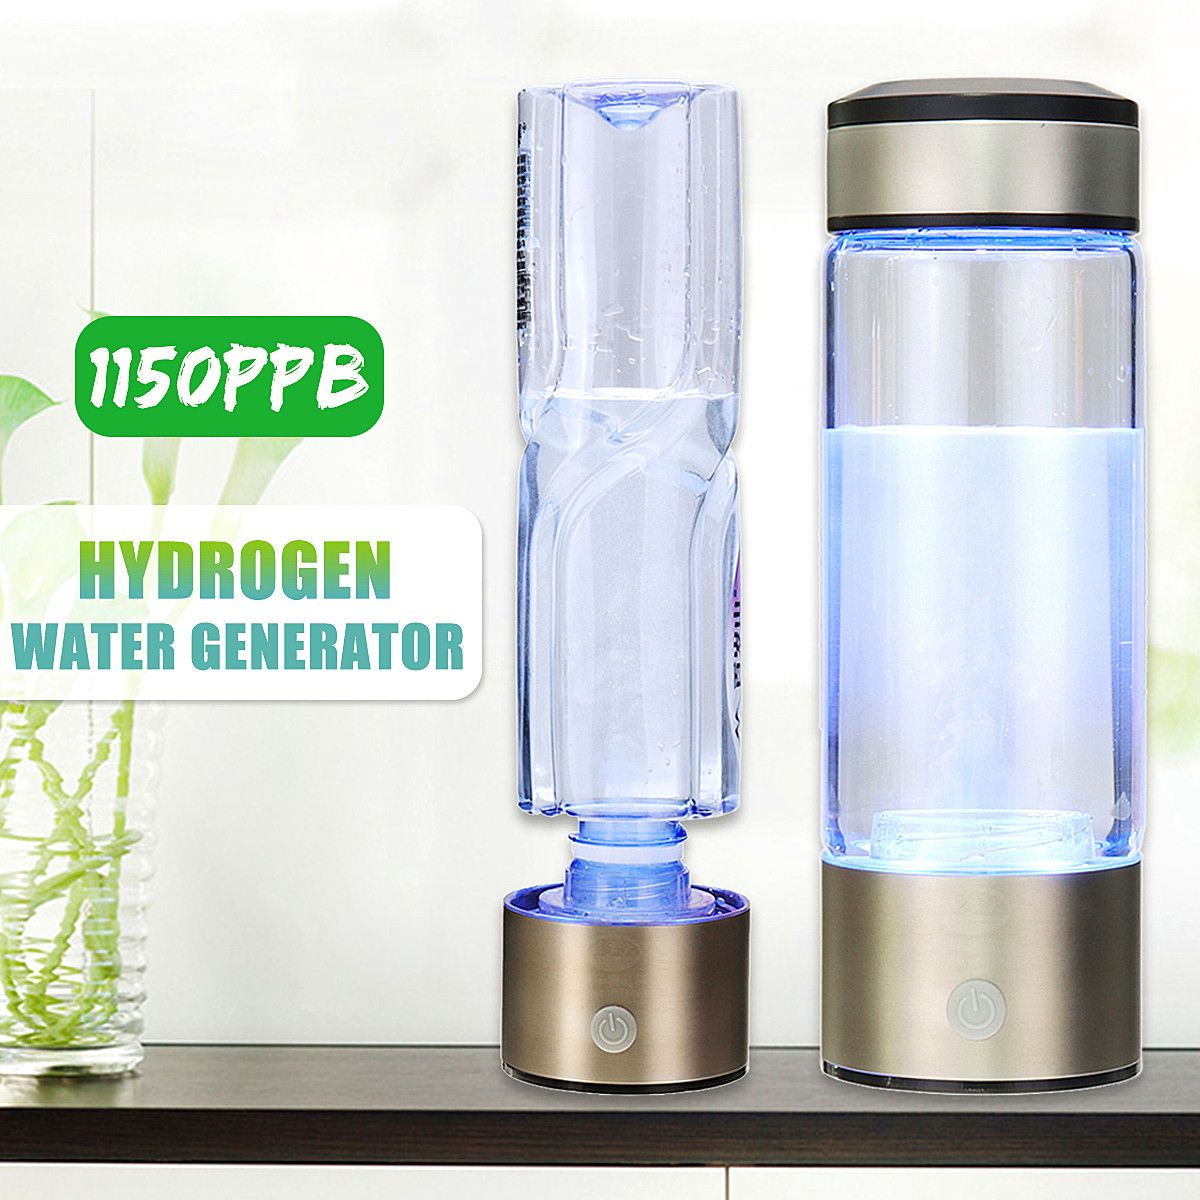 Portable Hydrogen-Rich Water Bottle Alkaline lonizer Hydrogen-Water Generator Maker Rechargeable Water Filter Ionizer Anti-Aging 2